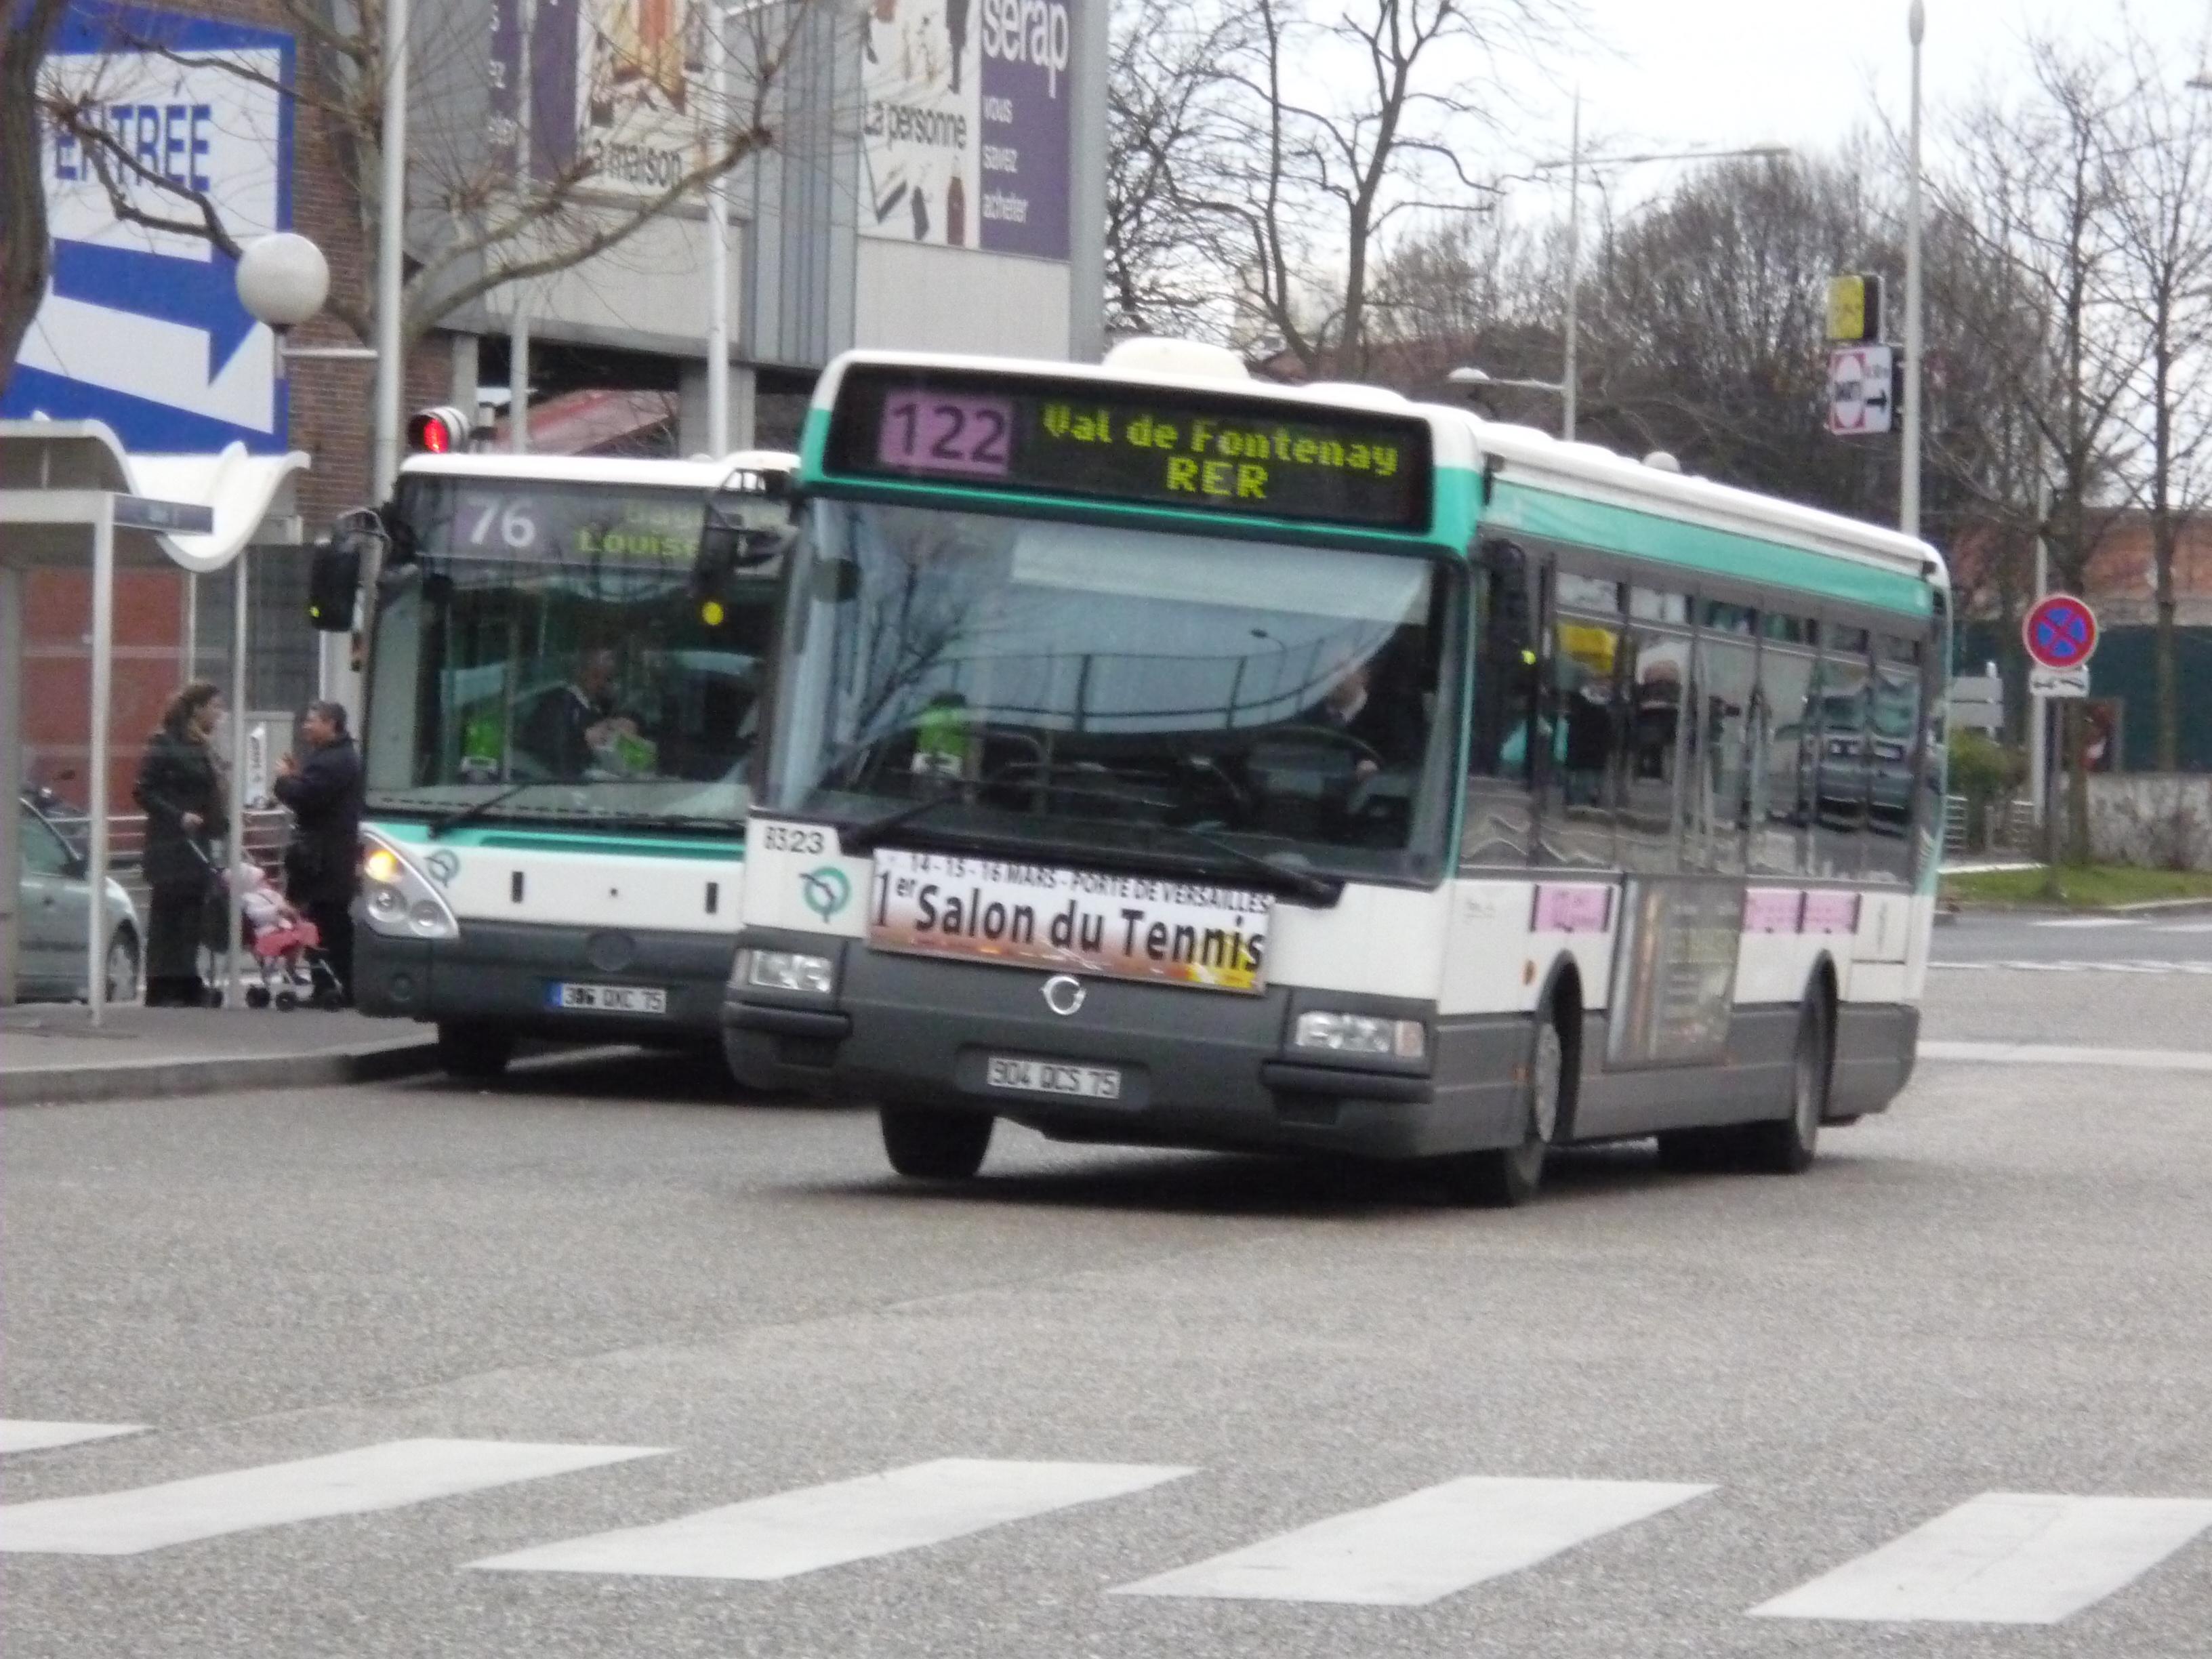 Galerie de la ligne 122 bus de france - Ligne 118 bus ...